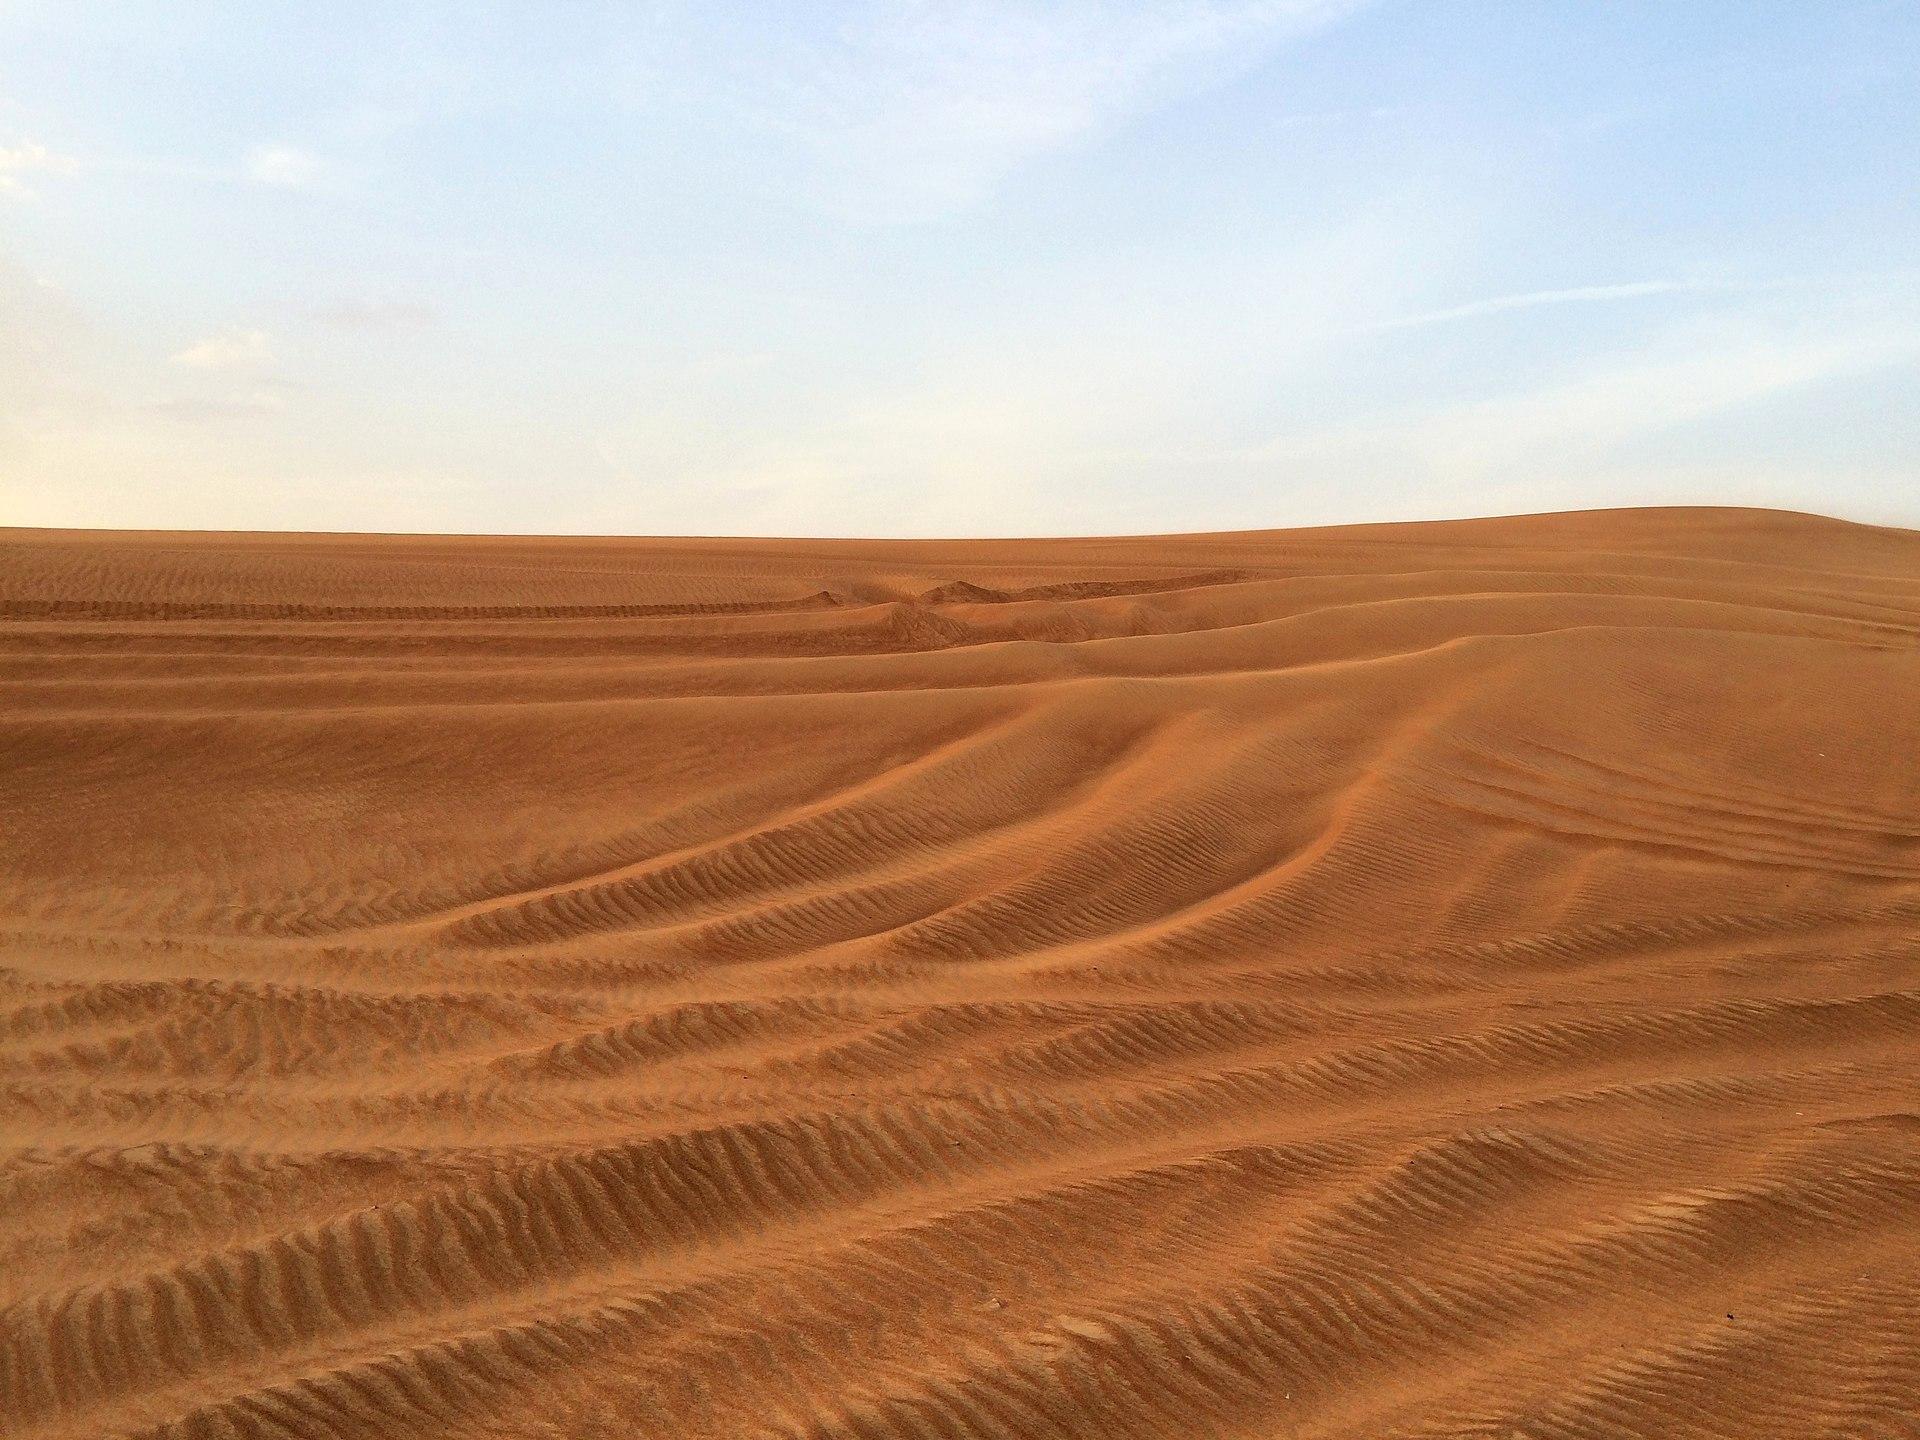 Arabian Desert - panoramio.jpg|500